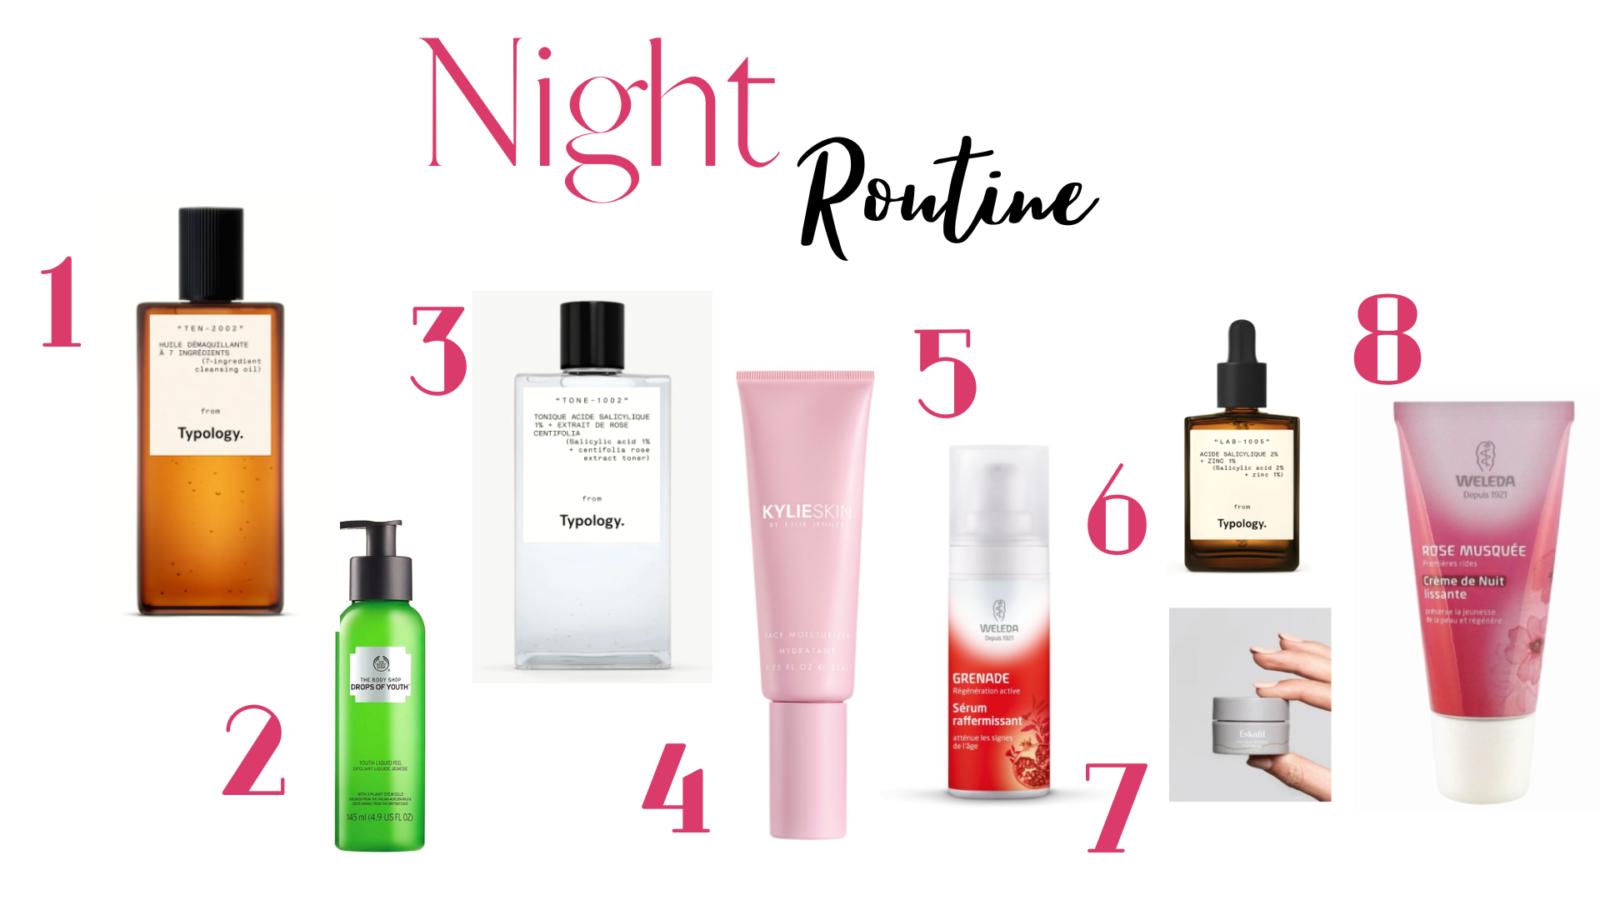 Night Routine printemps : routine de soin du visage pour le soir